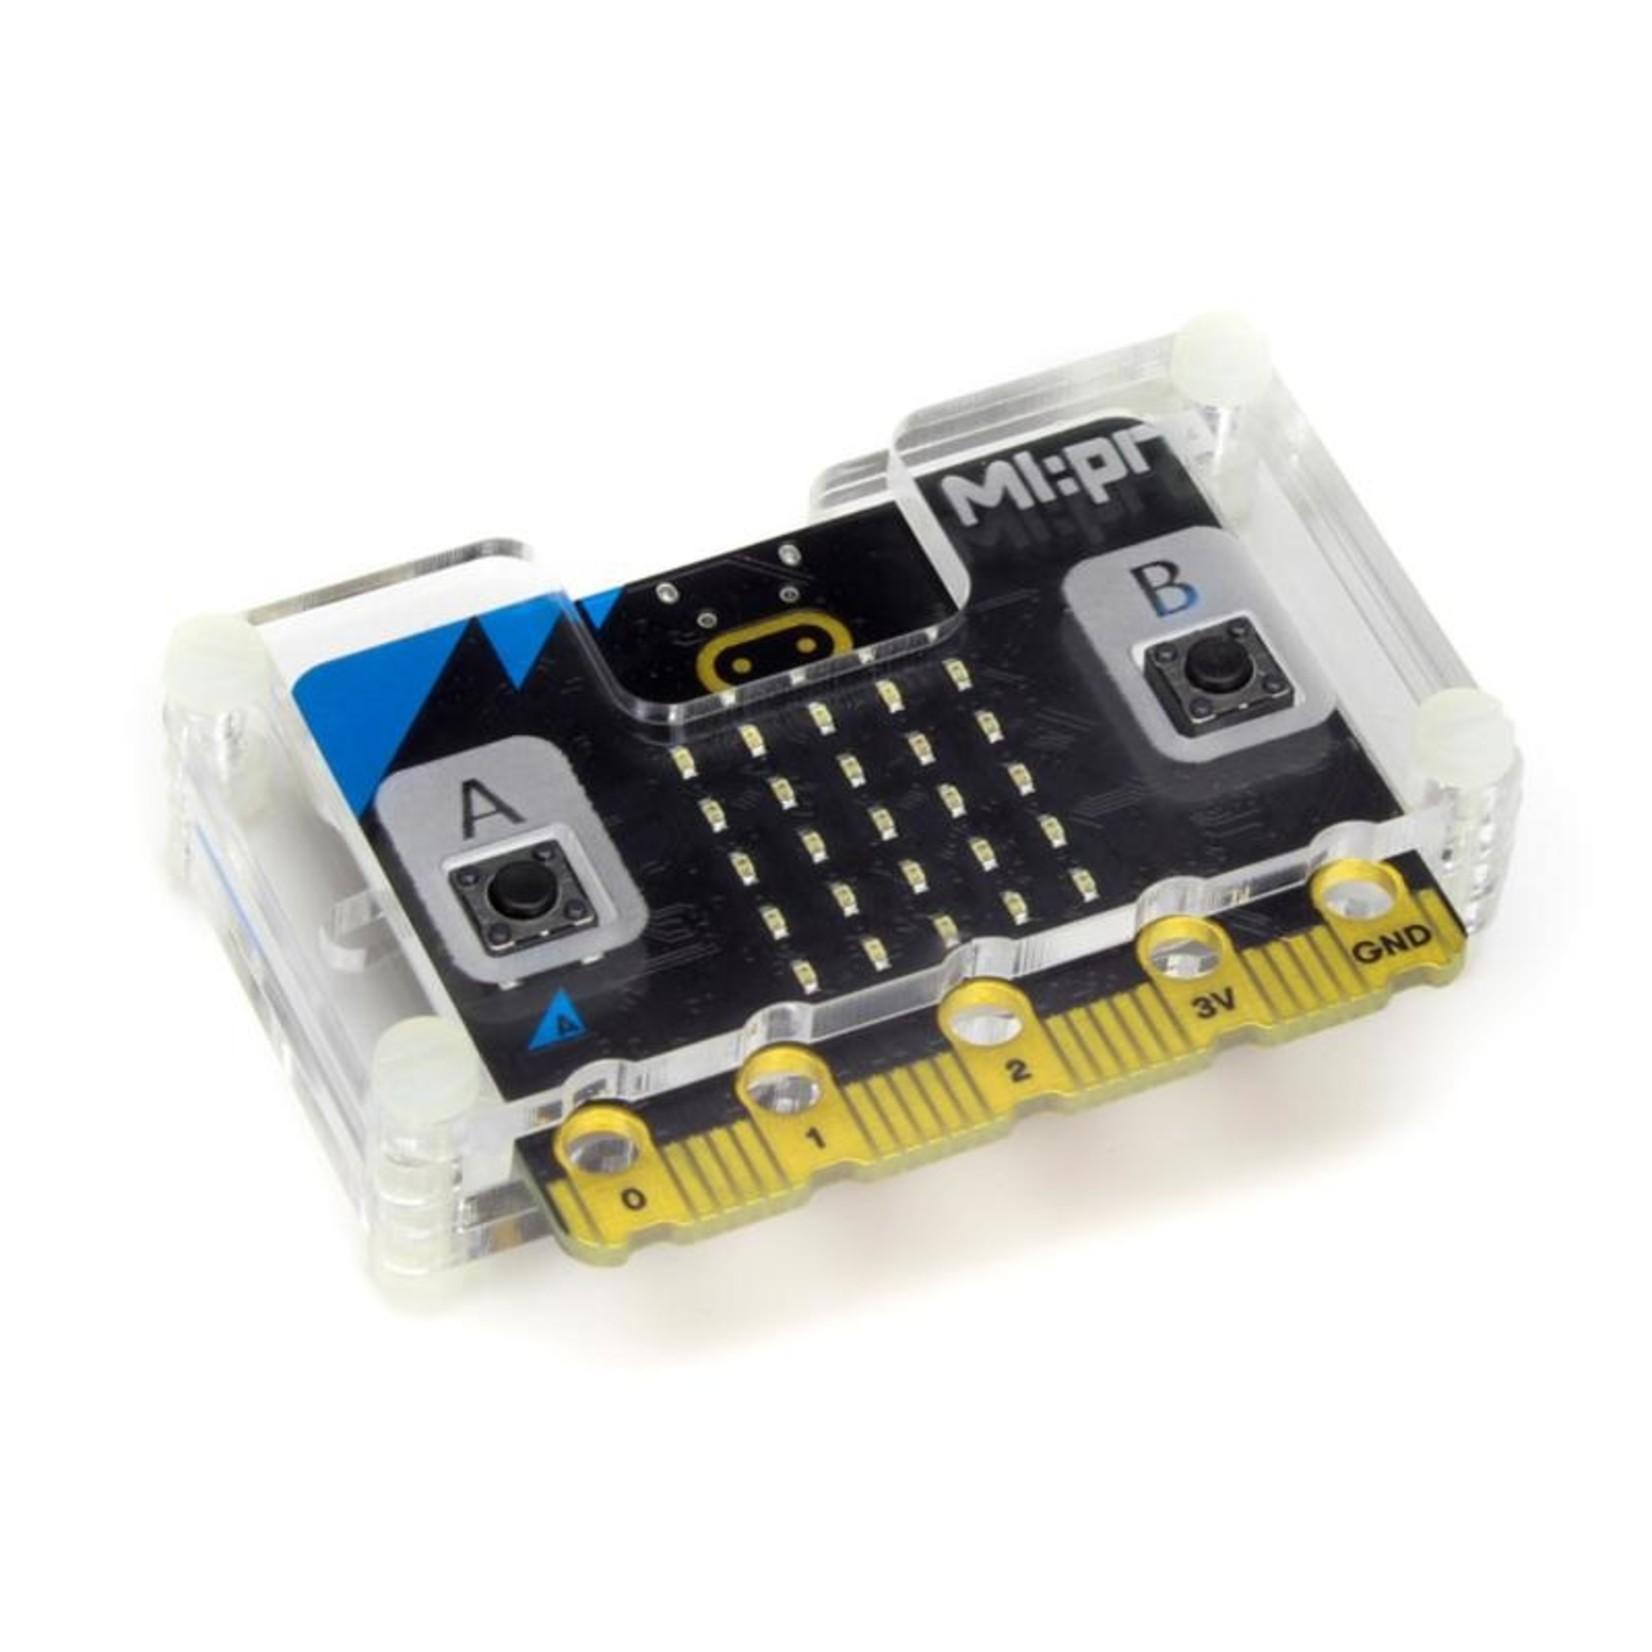 Kitronik MI:pro Protector Case for the BBC micro:bit V1 & V2